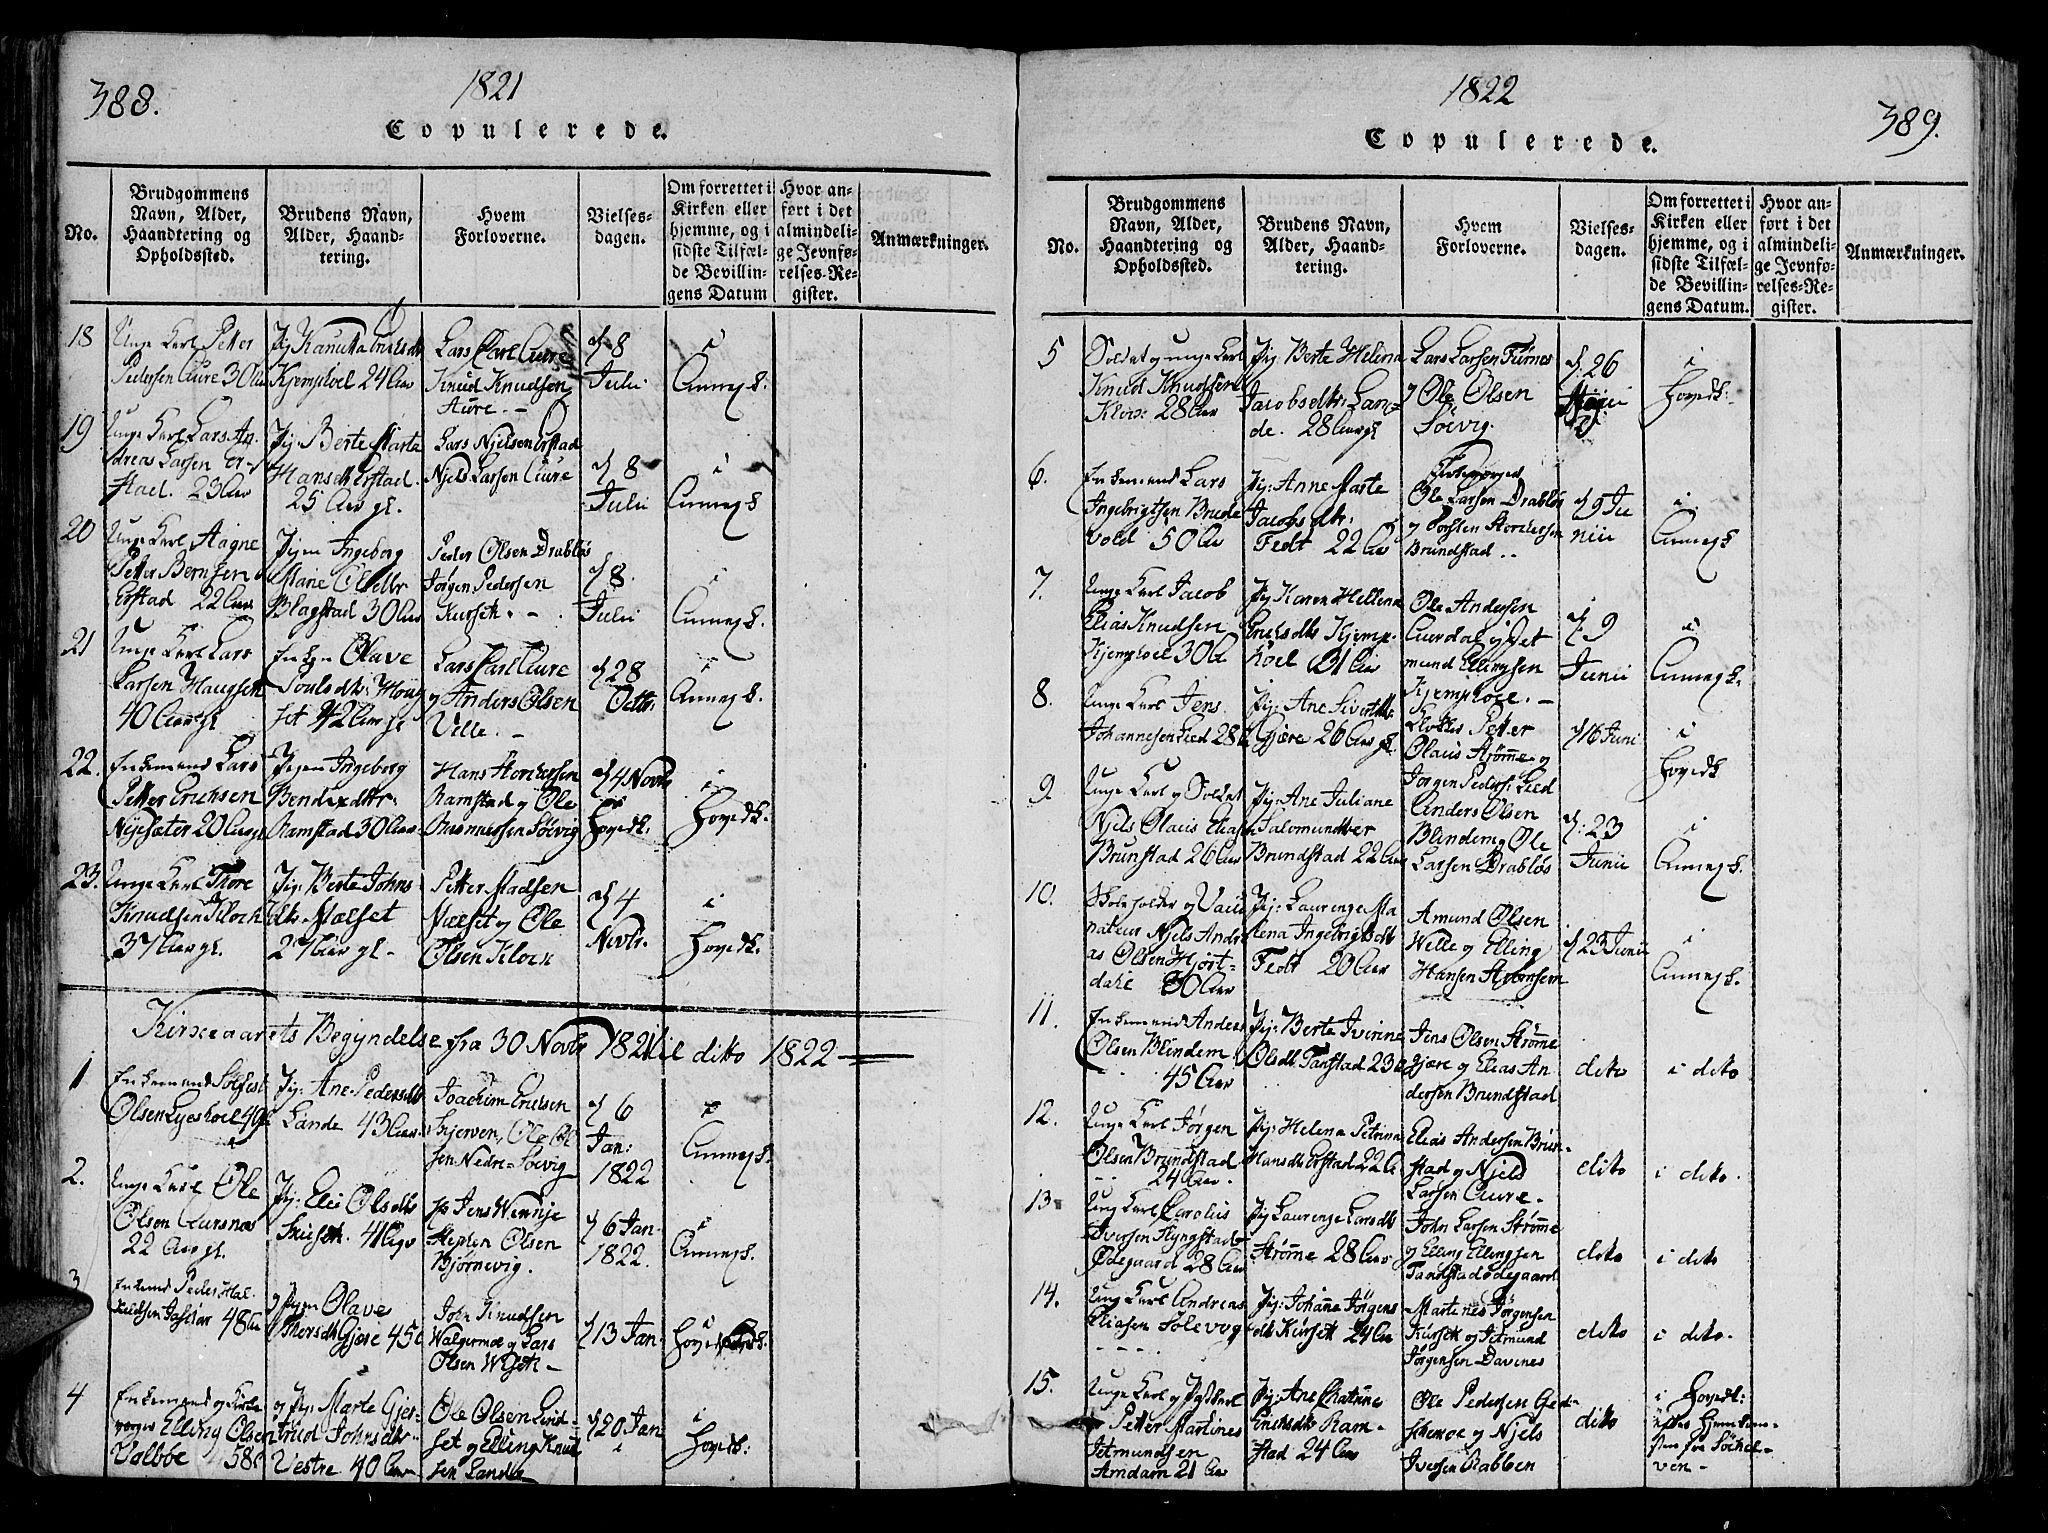 SAT, Ministerialprotokoller, klokkerbøker og fødselsregistre - Møre og Romsdal, 522/L0310: Ministerialbok nr. 522A05, 1816-1832, s. 388-389